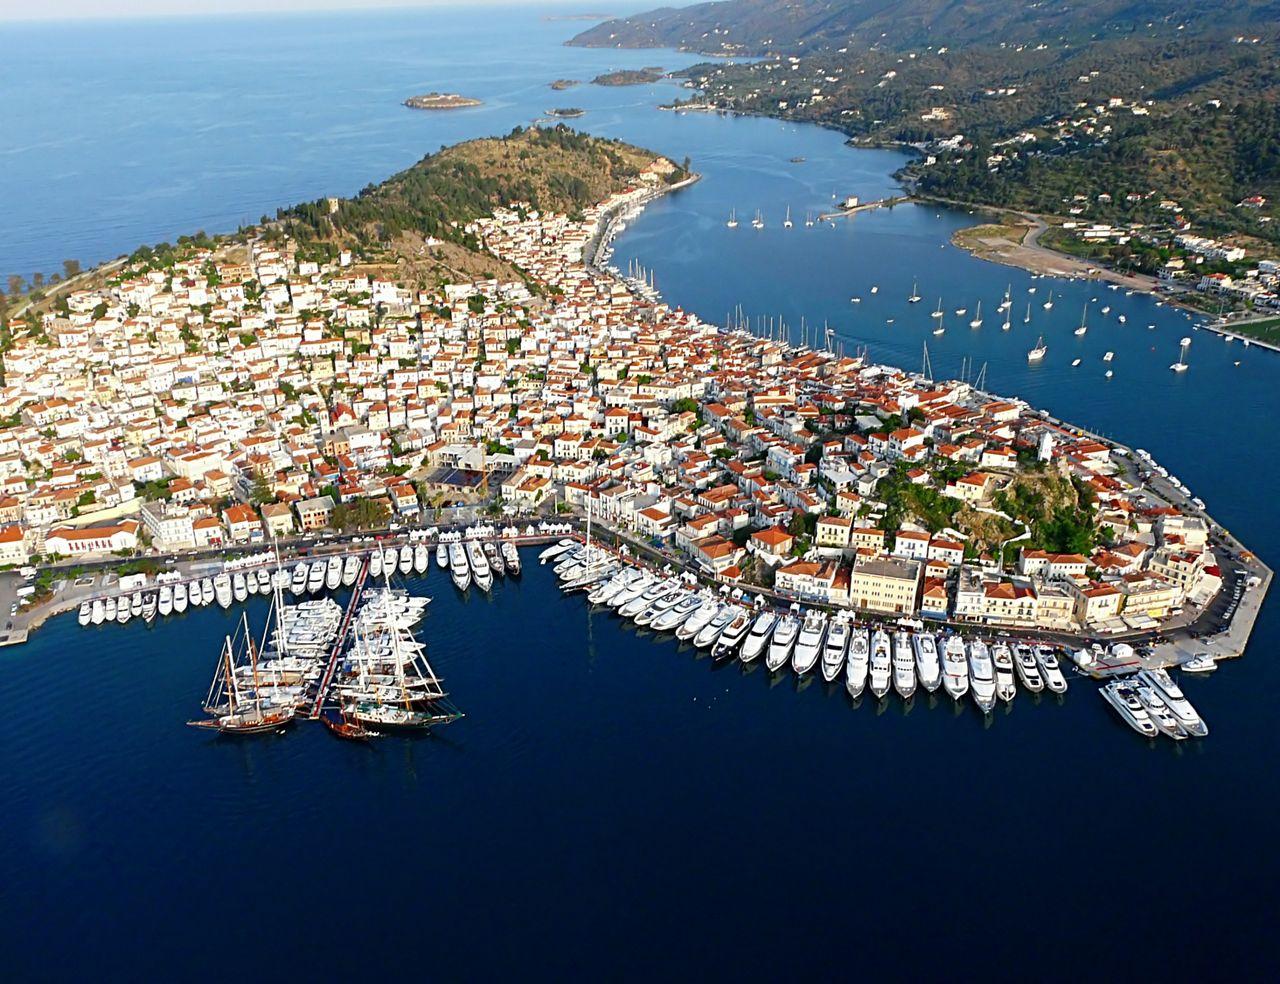 картинка фотография курорта Порос, остров в Греции